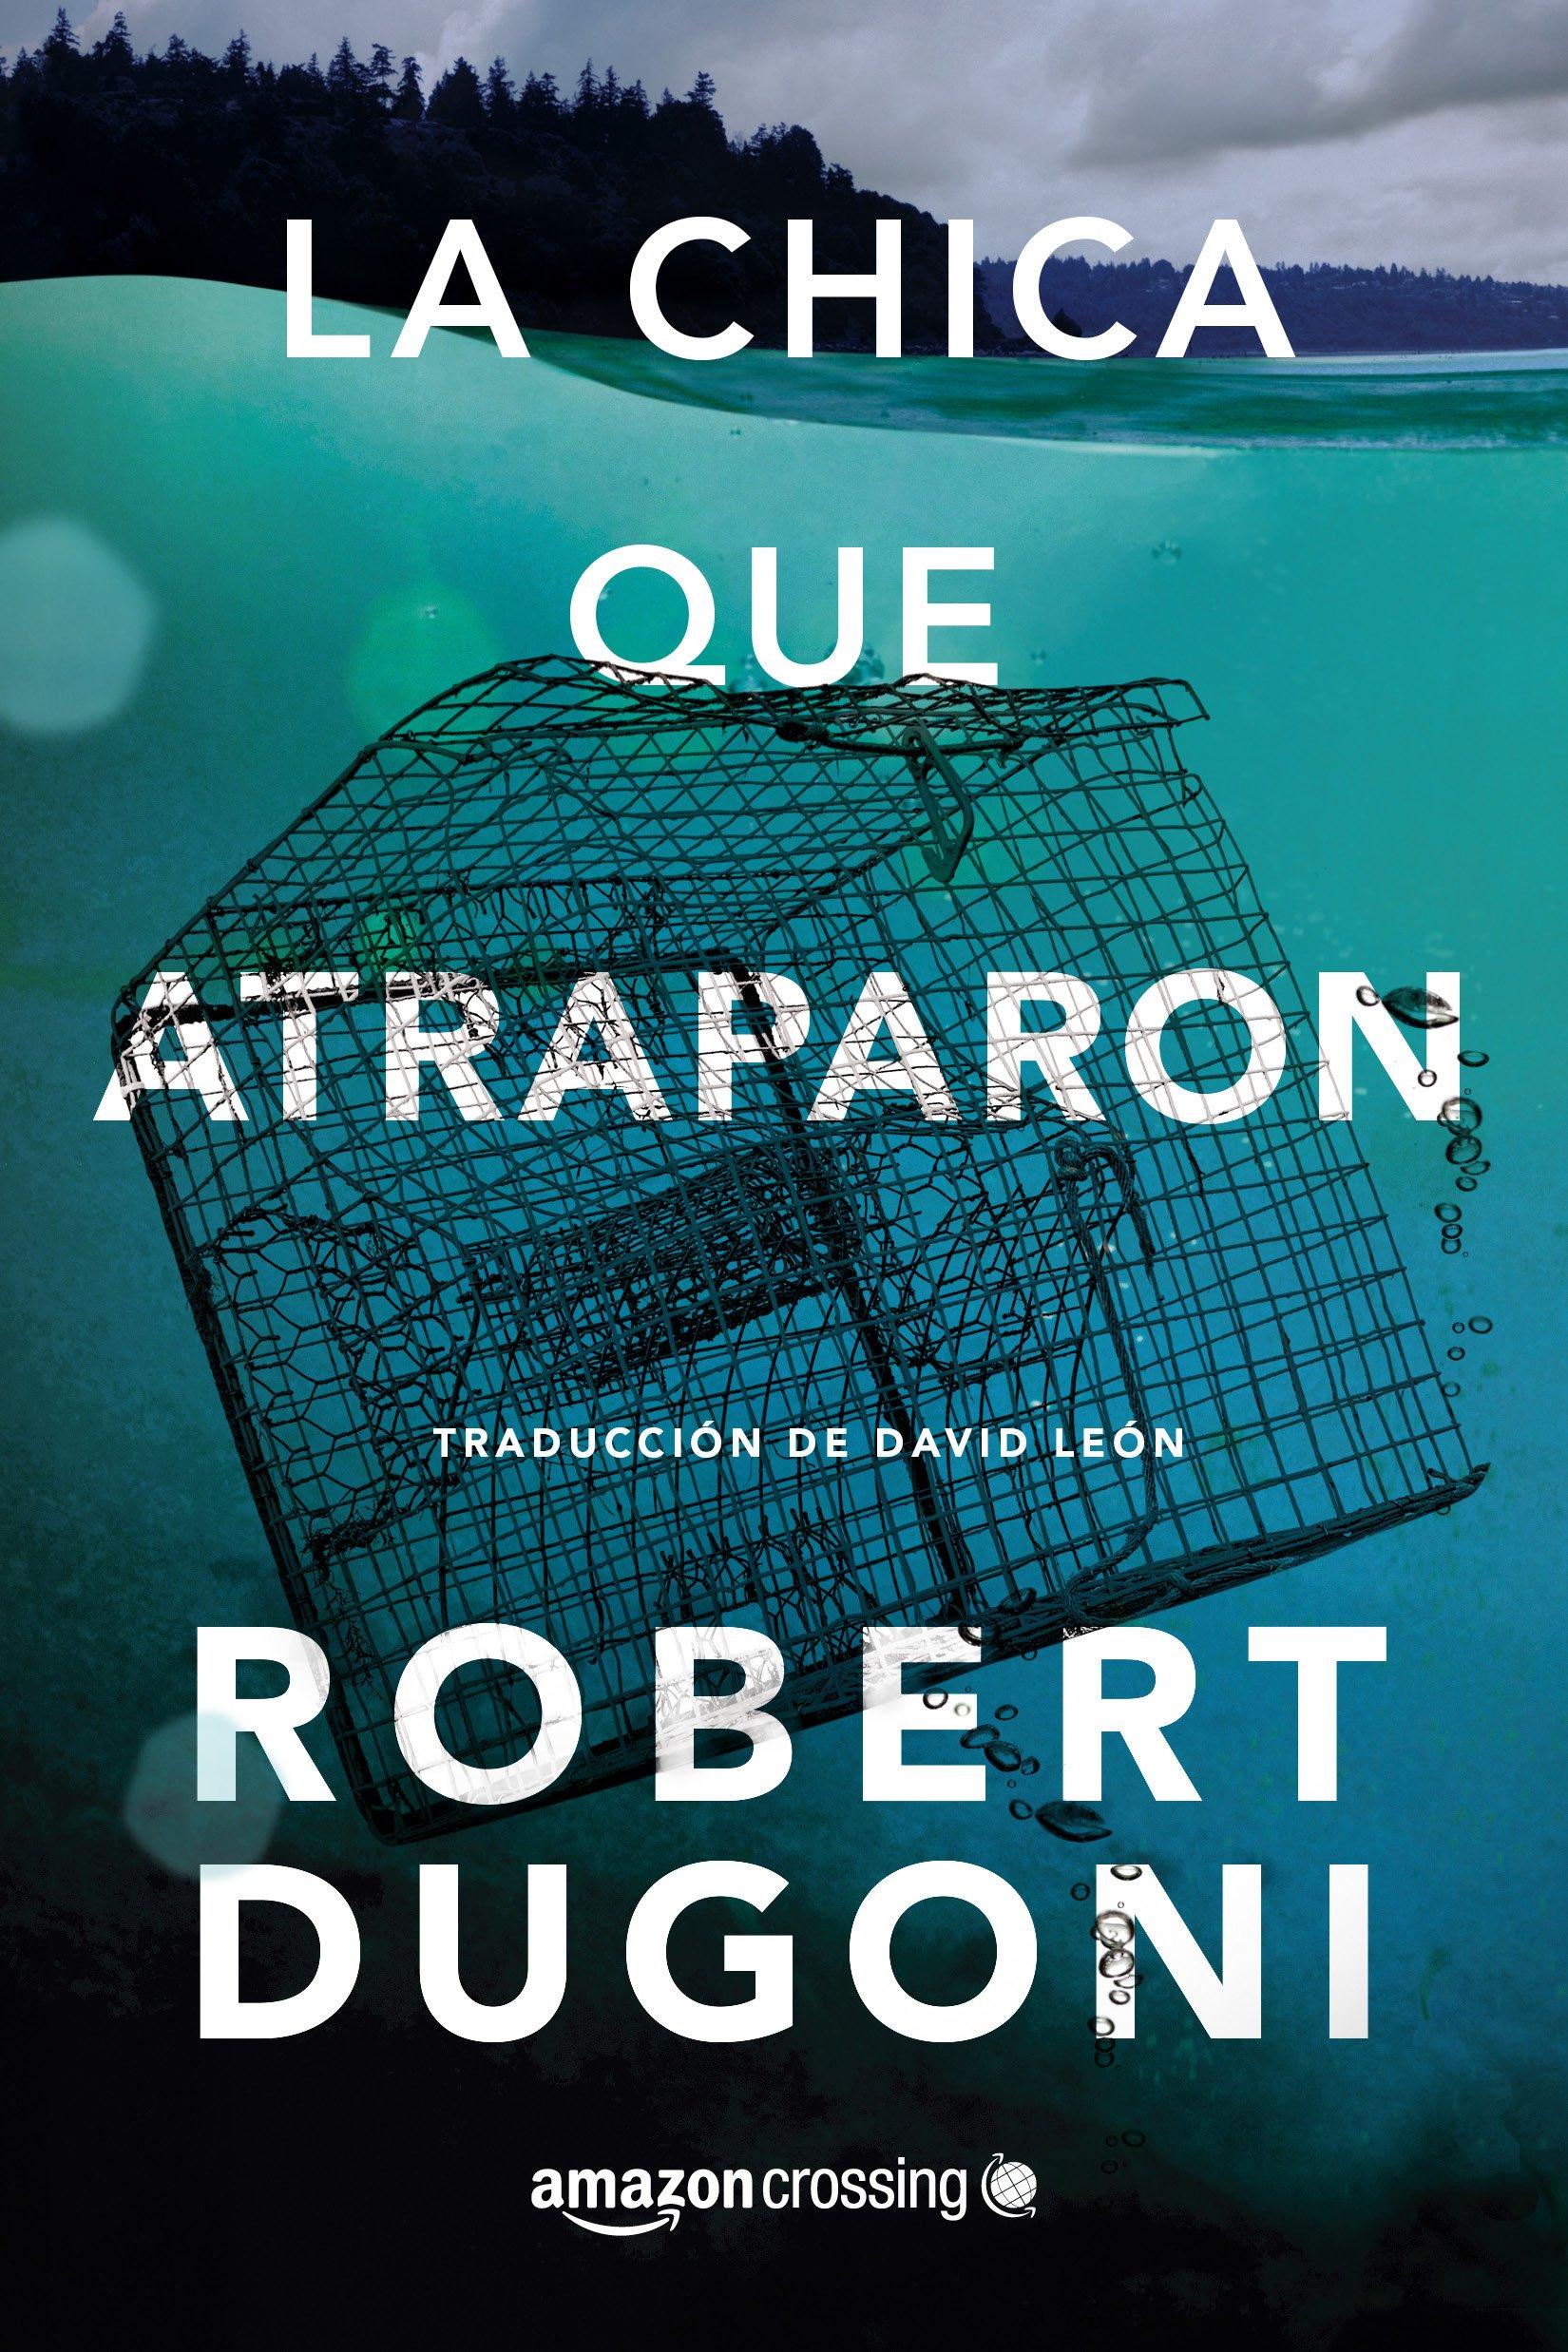 Amazon.com: La chica que atraparon (Tracy Crosswhite) (Spanish Edition)  (9782919802685): Robert Dugoni, David León: Books